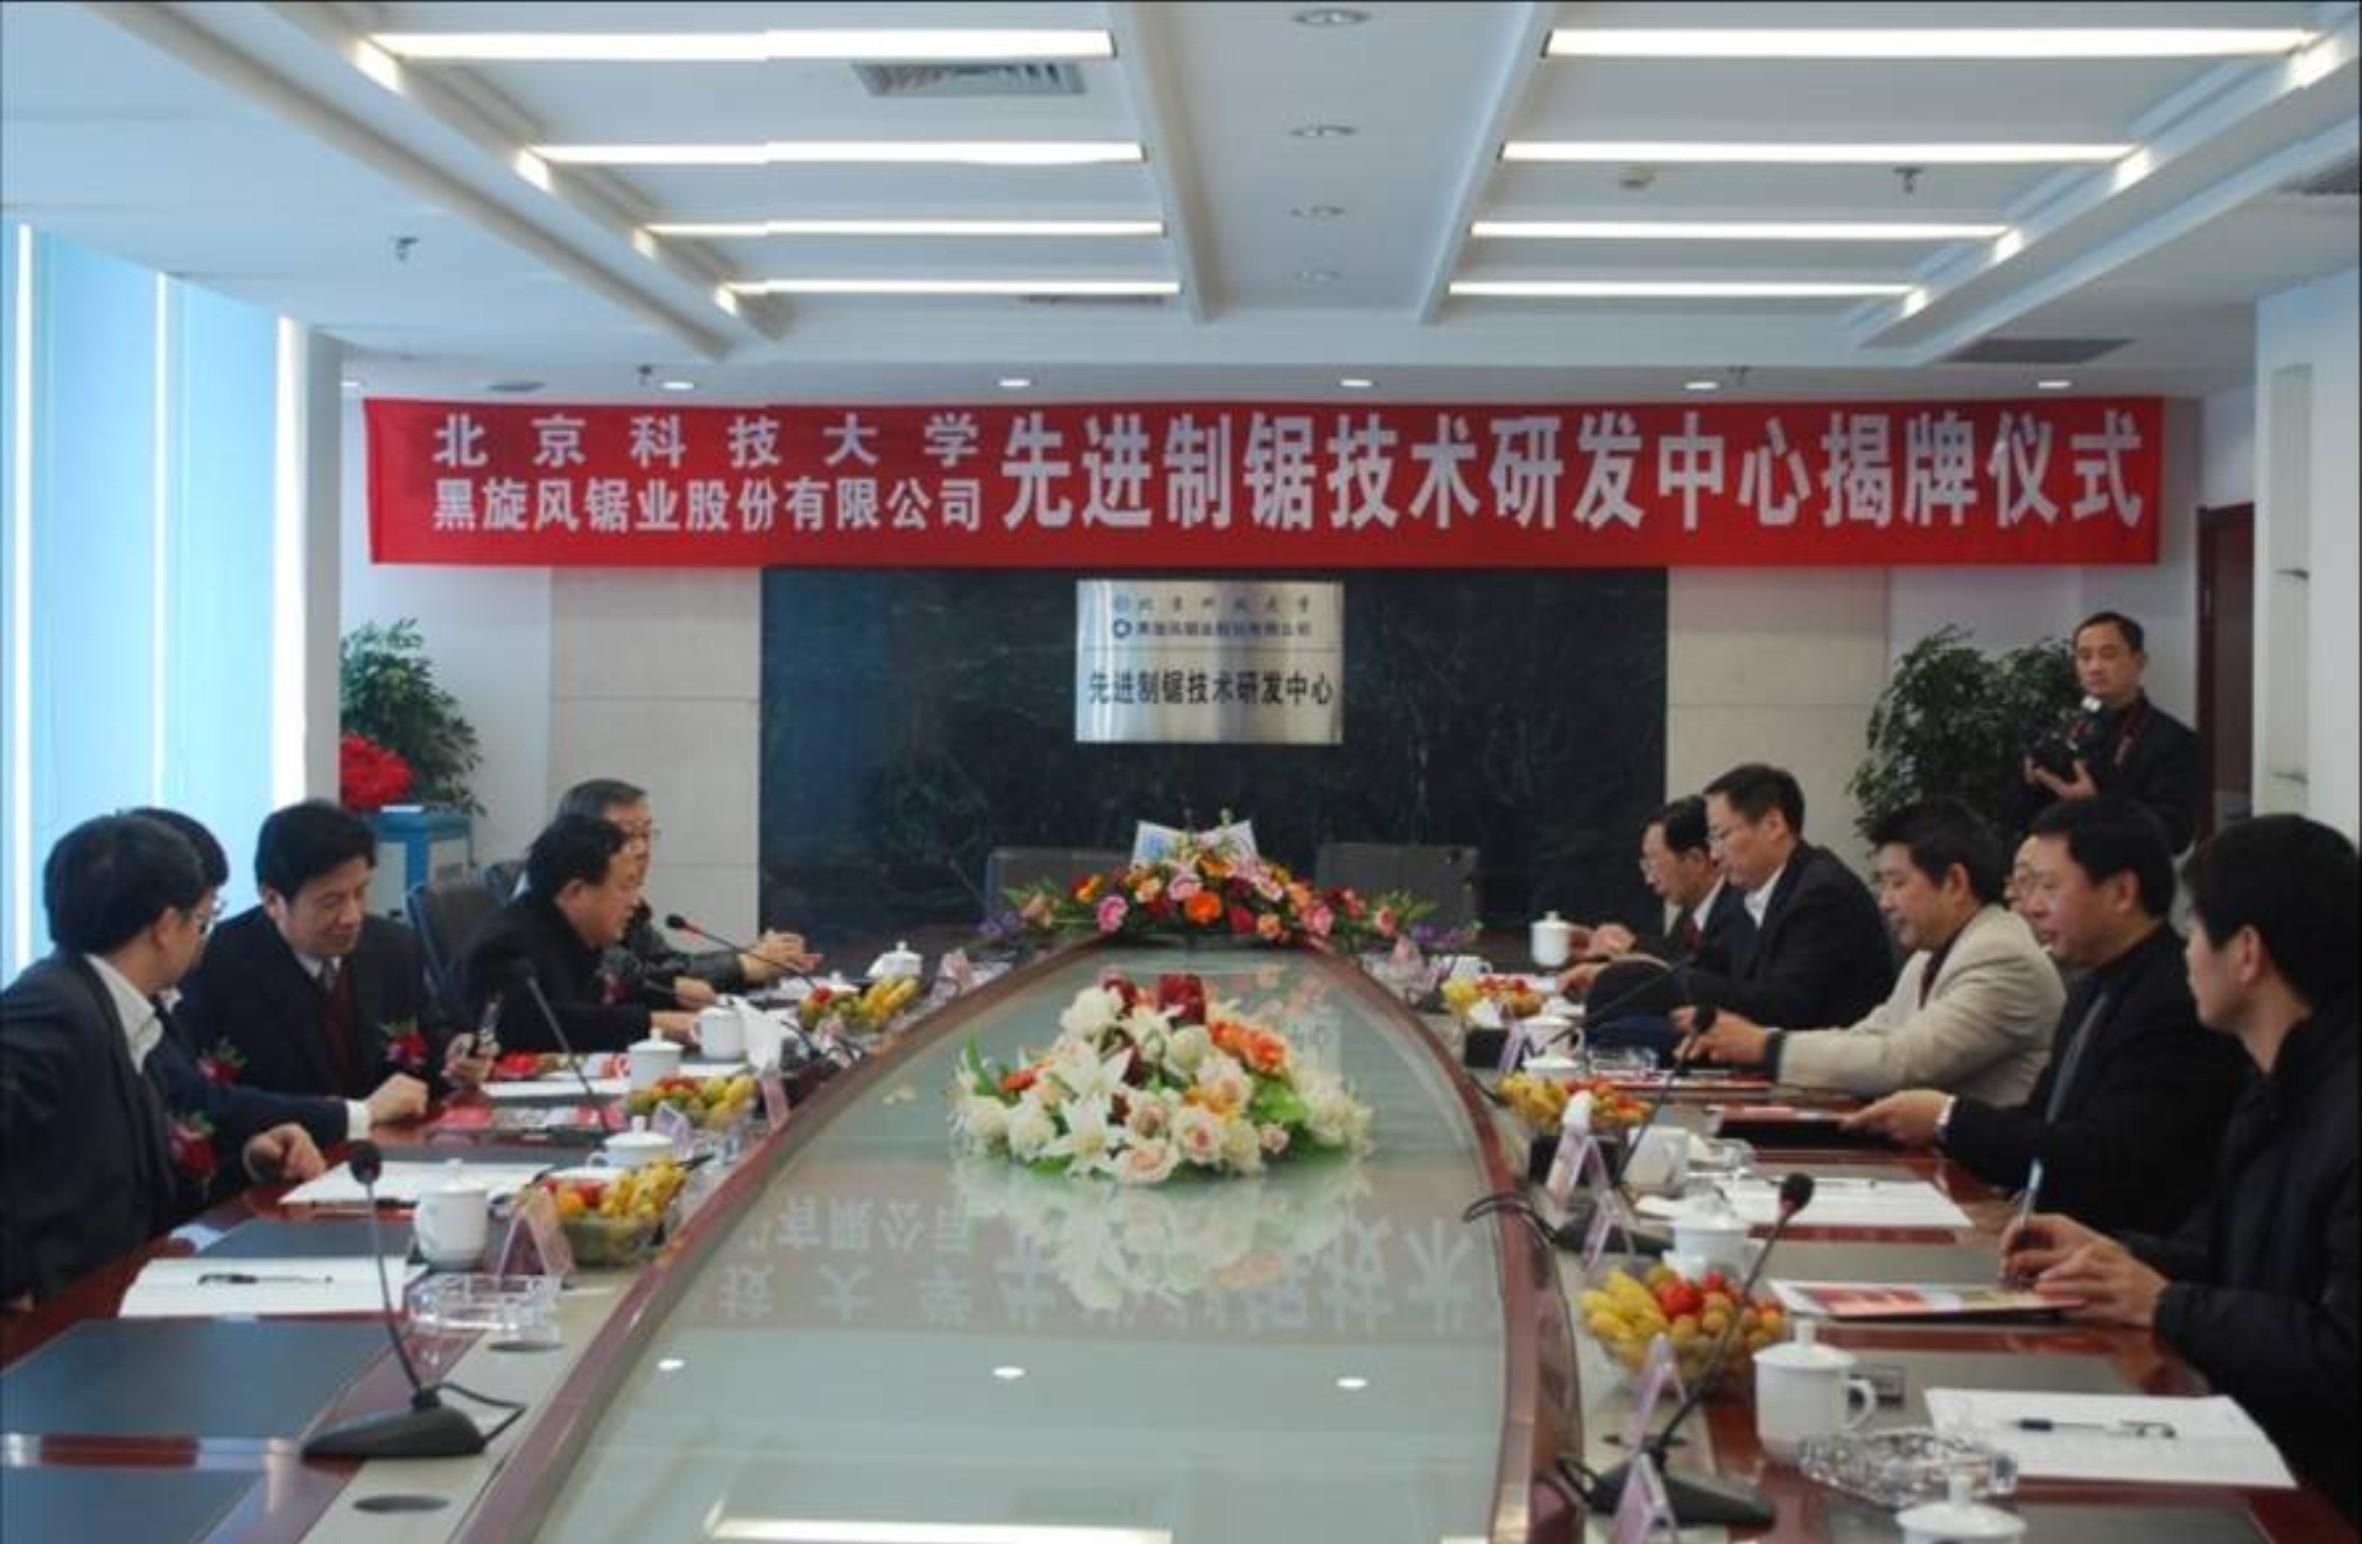 4.2009年12月1日北京科技大學與黑旋風共同組建先進制鋸技術研發中心